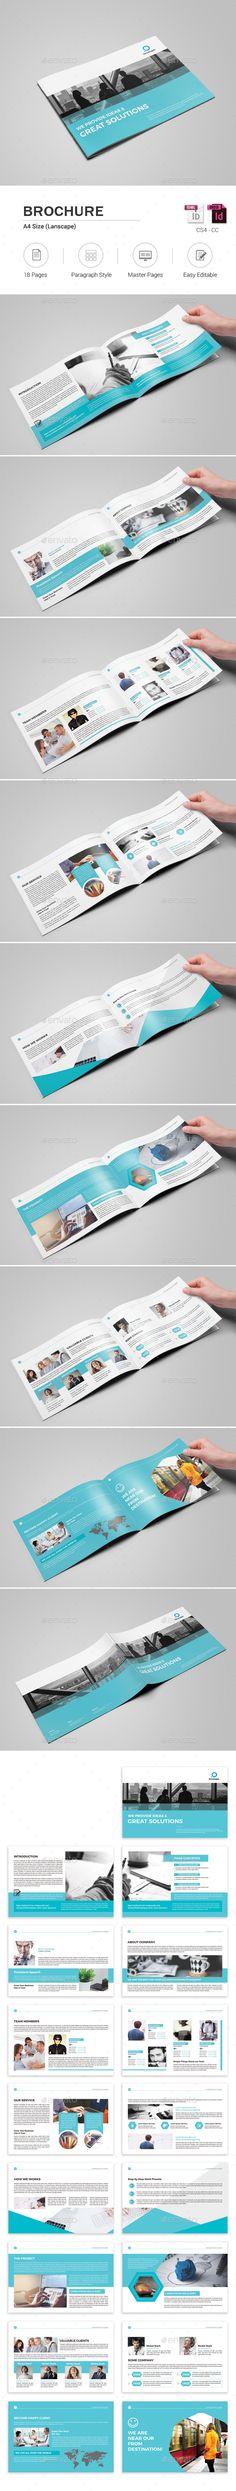 Brochure - #Corporate #Brochures Download here: https://graphicriver.net/item/brochure/18489968?ref=alena994